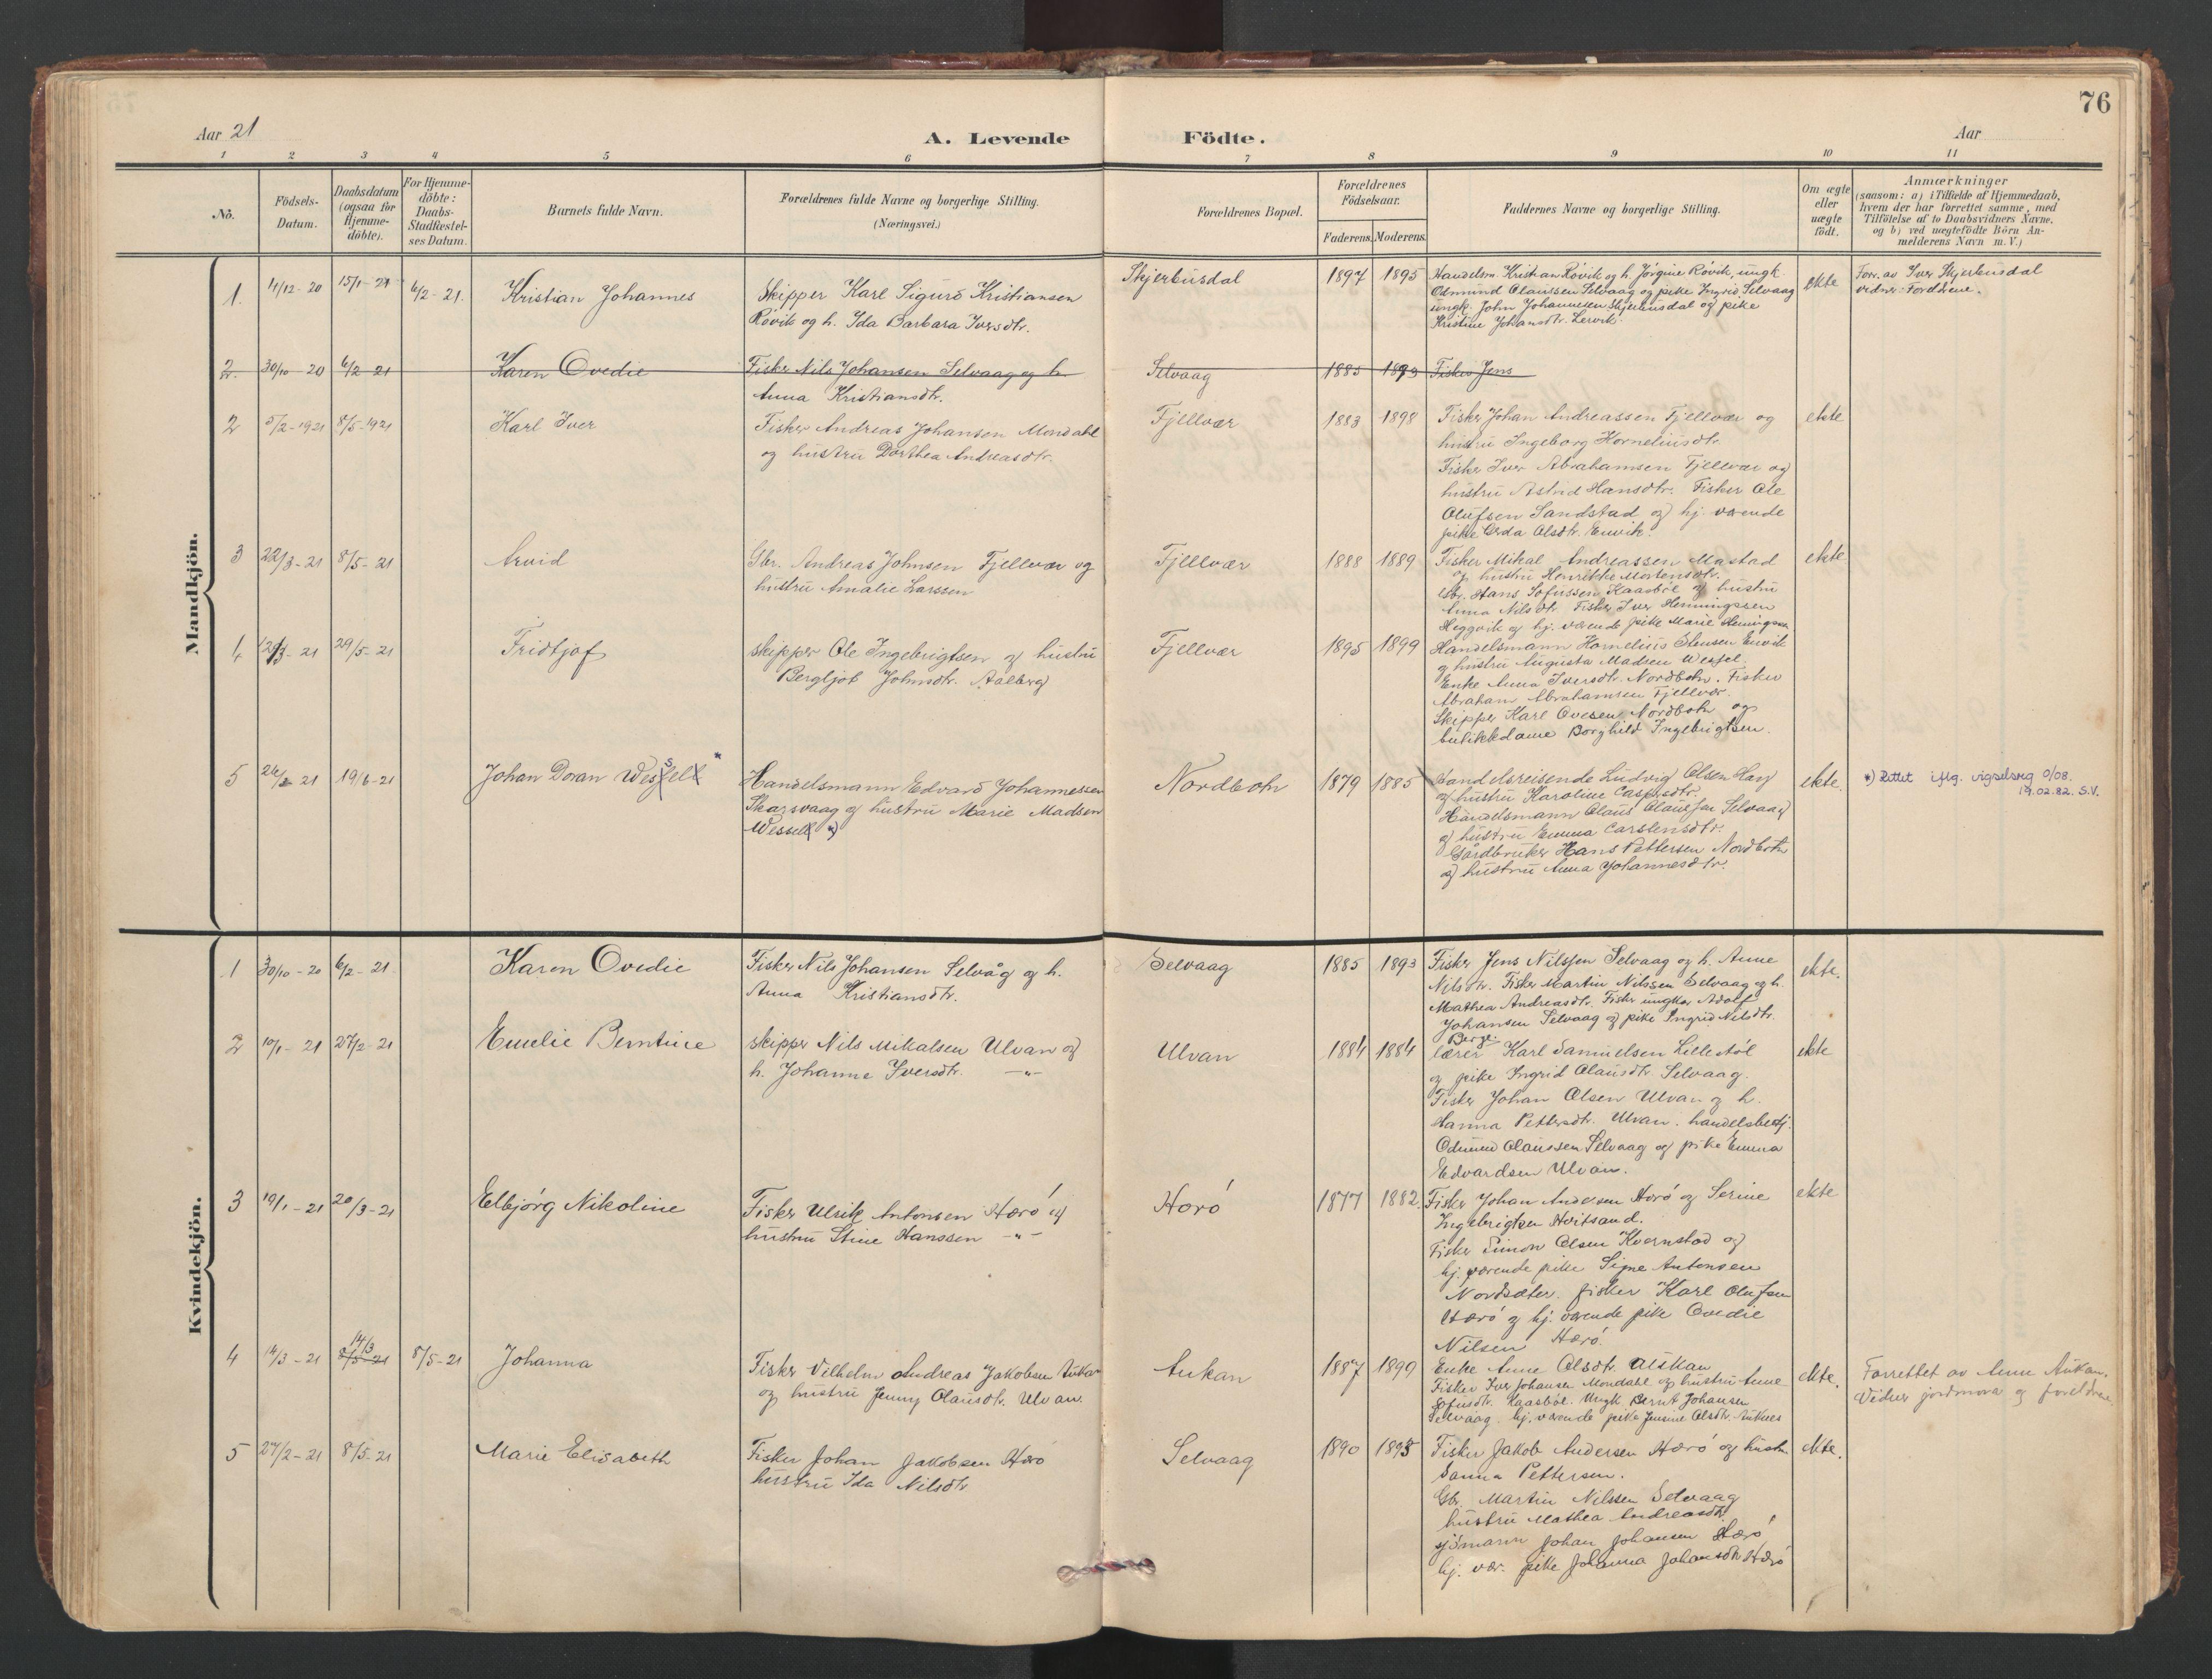 SAT, Ministerialprotokoller, klokkerbøker og fødselsregistre - Sør-Trøndelag, 638/L0571: Klokkerbok nr. 638C03, 1901-1930, s. 76